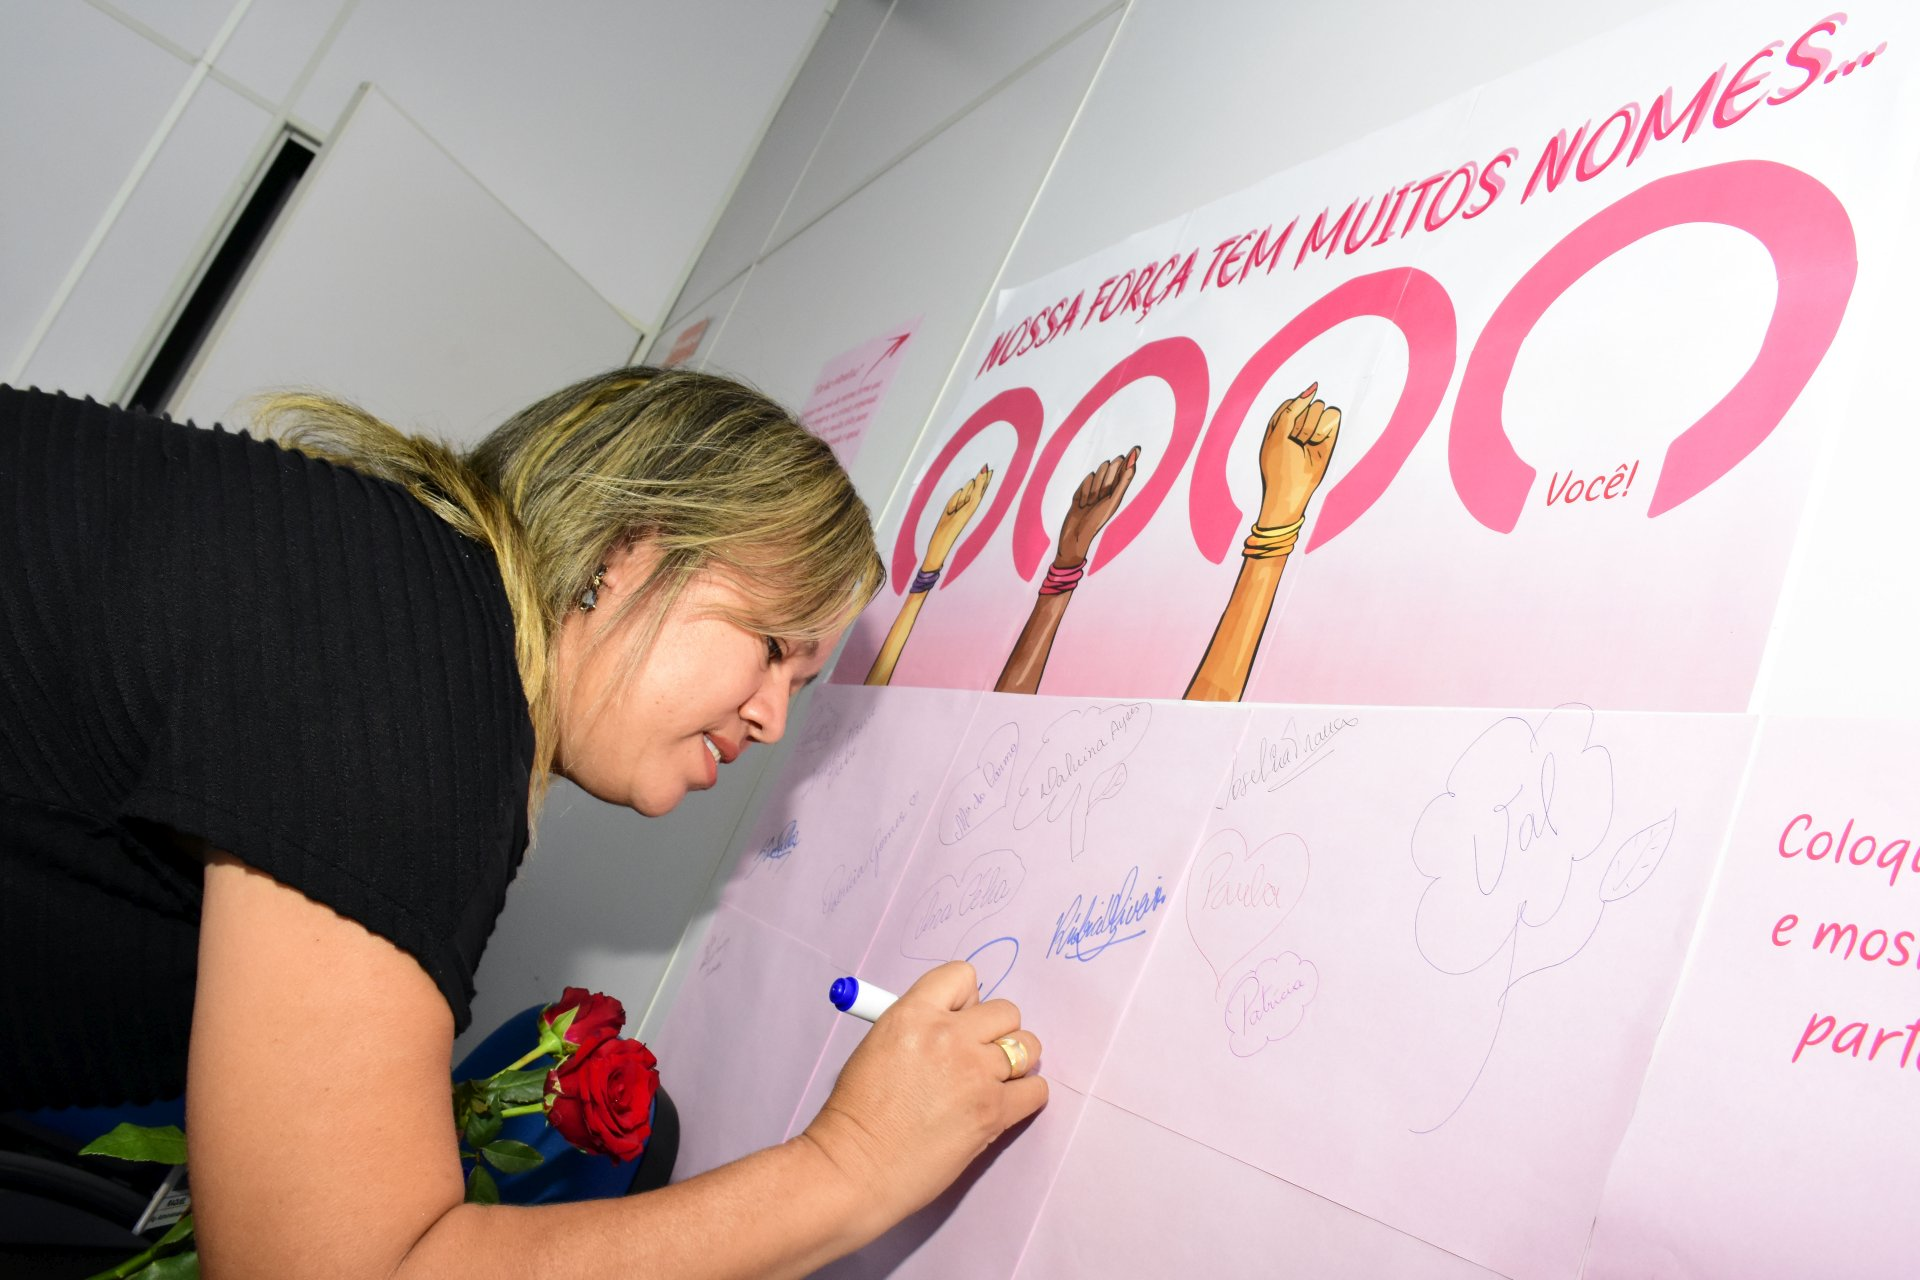 62dff19ca2a Prefeitura celebra Dia Internacional da Mulher com ações na ...